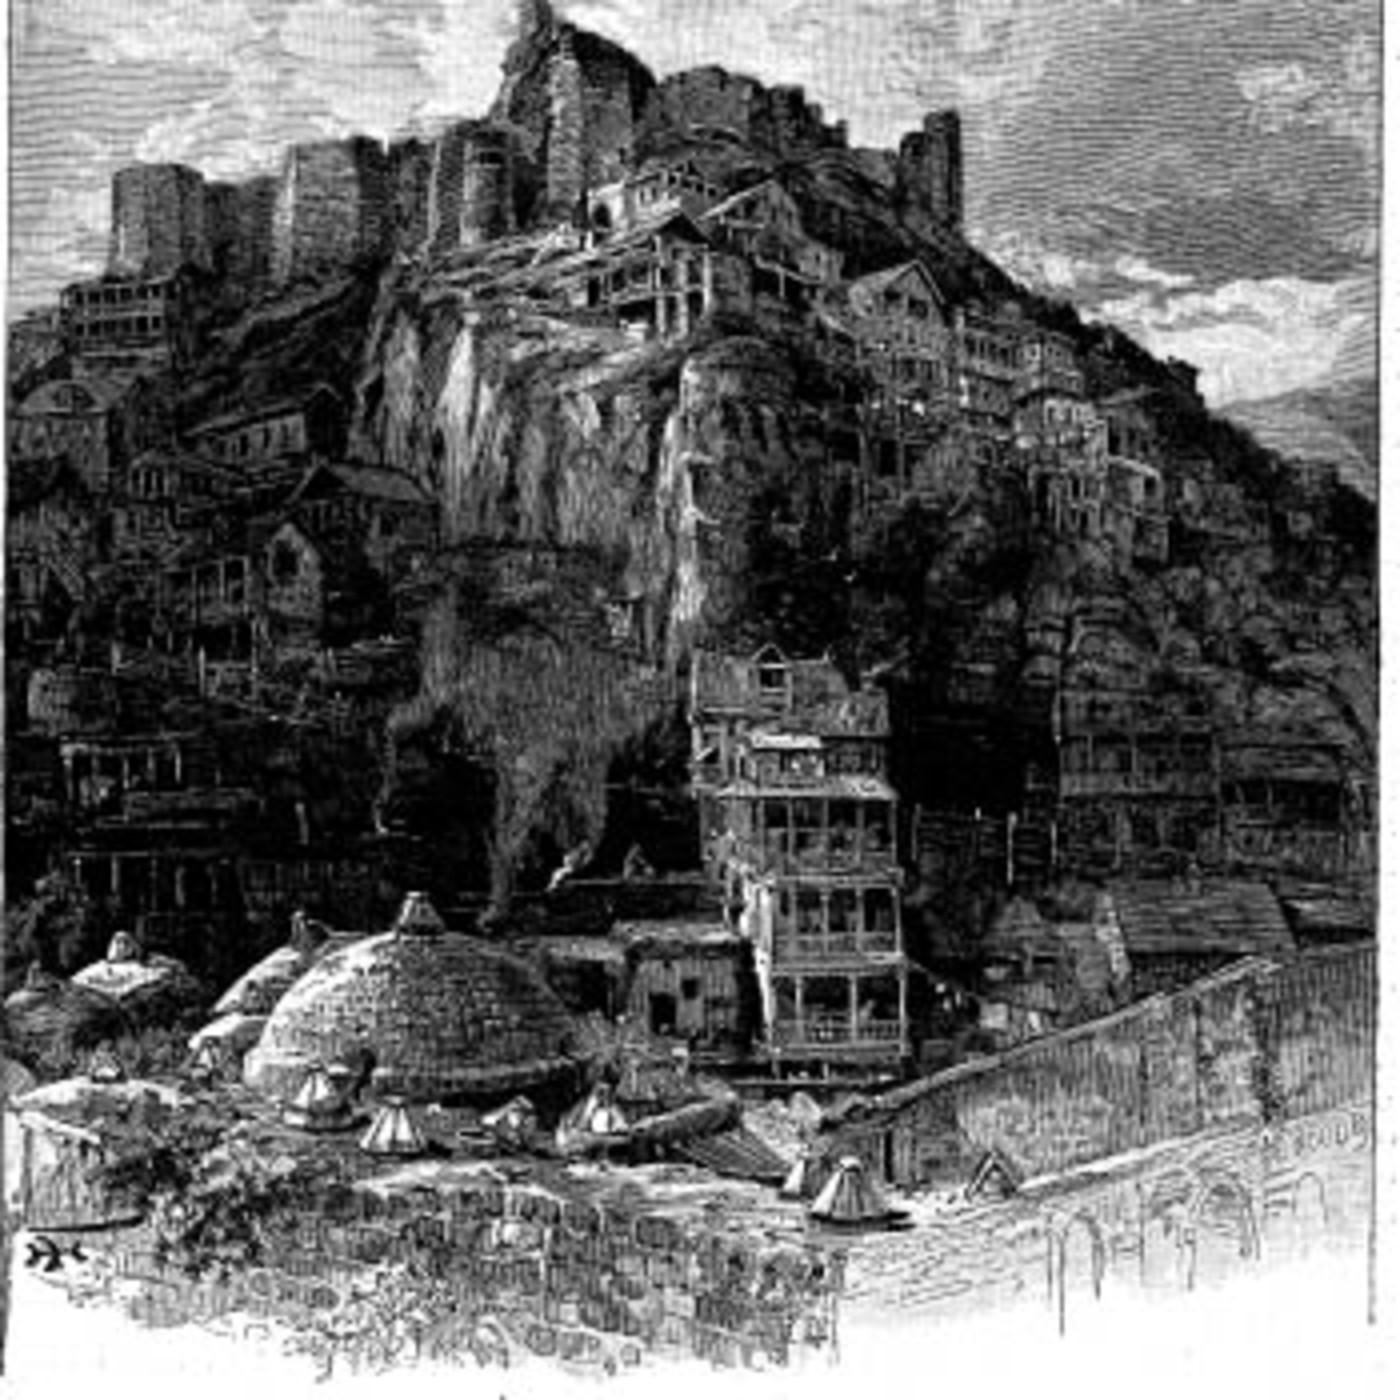 Verne y Wells ciencia ficción: La Bruja y Cáscara de Nuez, un relato de Alberto García